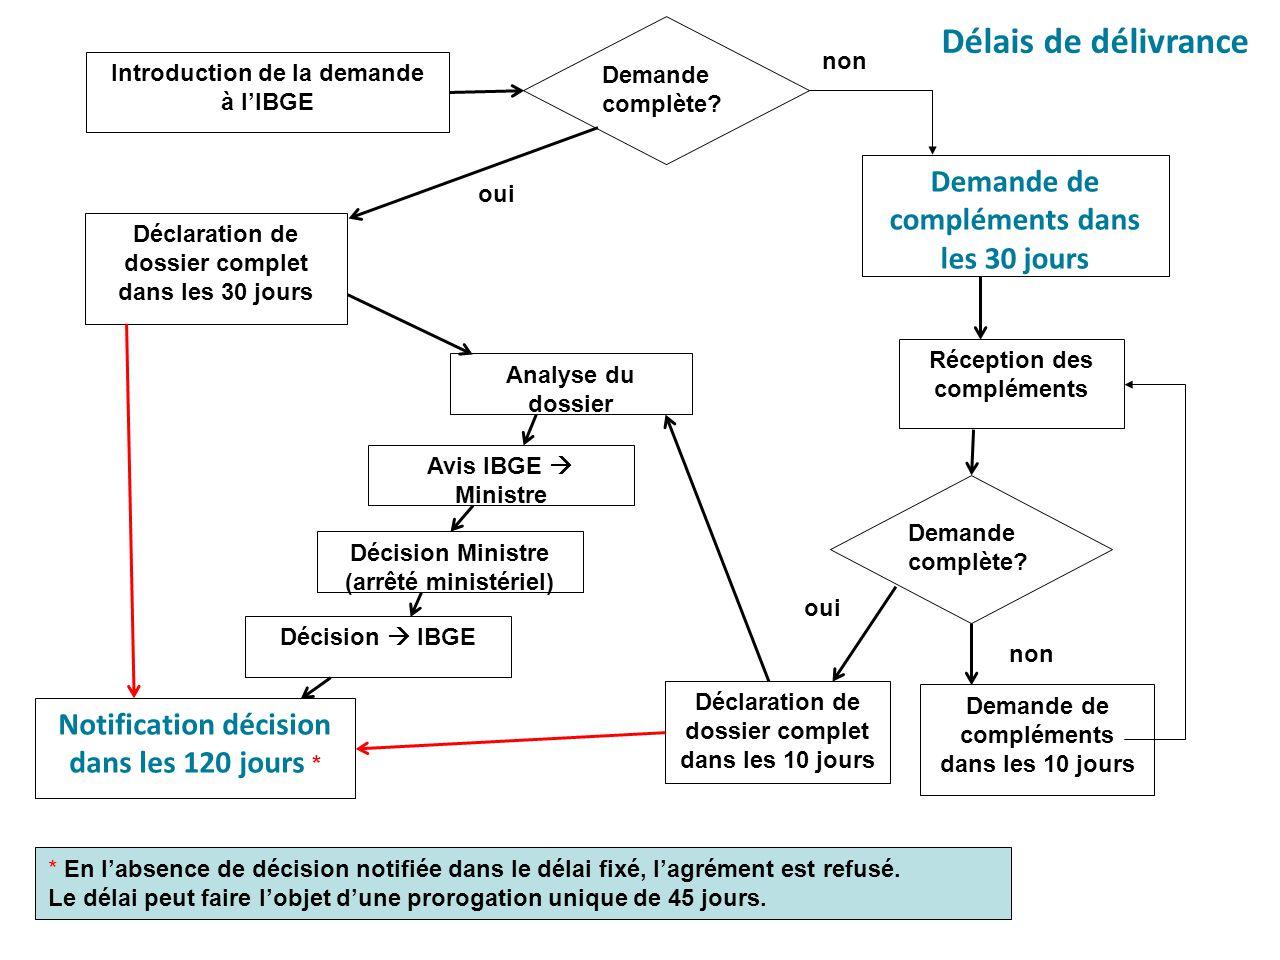 Analyse du dossier Introduction de la demande à l'IBGE Déclaration de dossier complet dans les 30 jours Demande de compléments dans les 10 jours non o